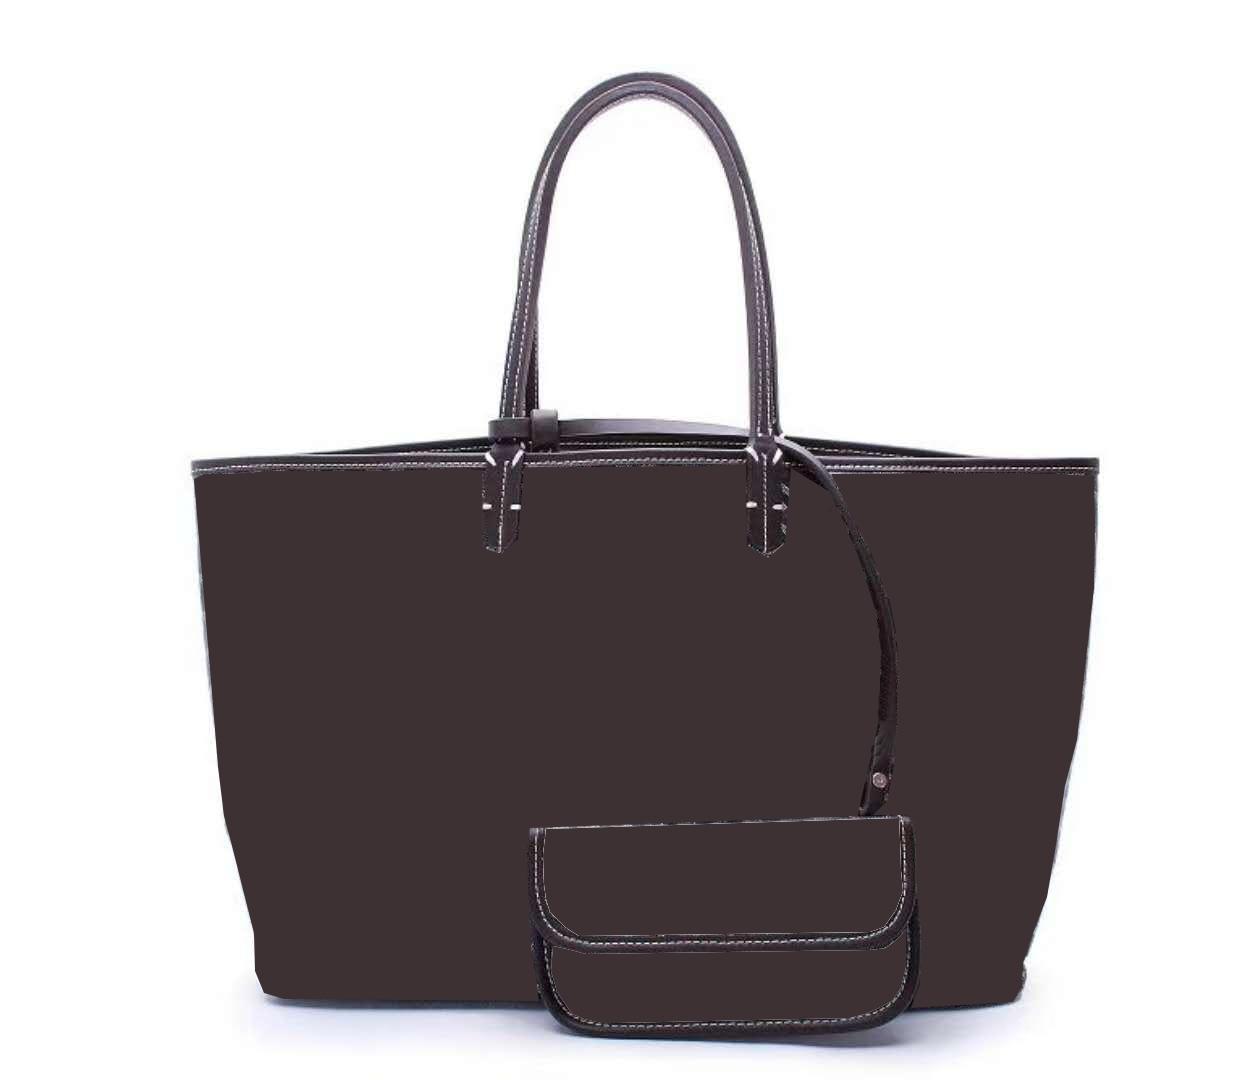 Pink Sugao Designer Borse di lusso Borse da borse da donna Tote Bag Genuine Pelle Top Quality As Store Shoudler Bag Borse da donna 2pcs / Set 9Color